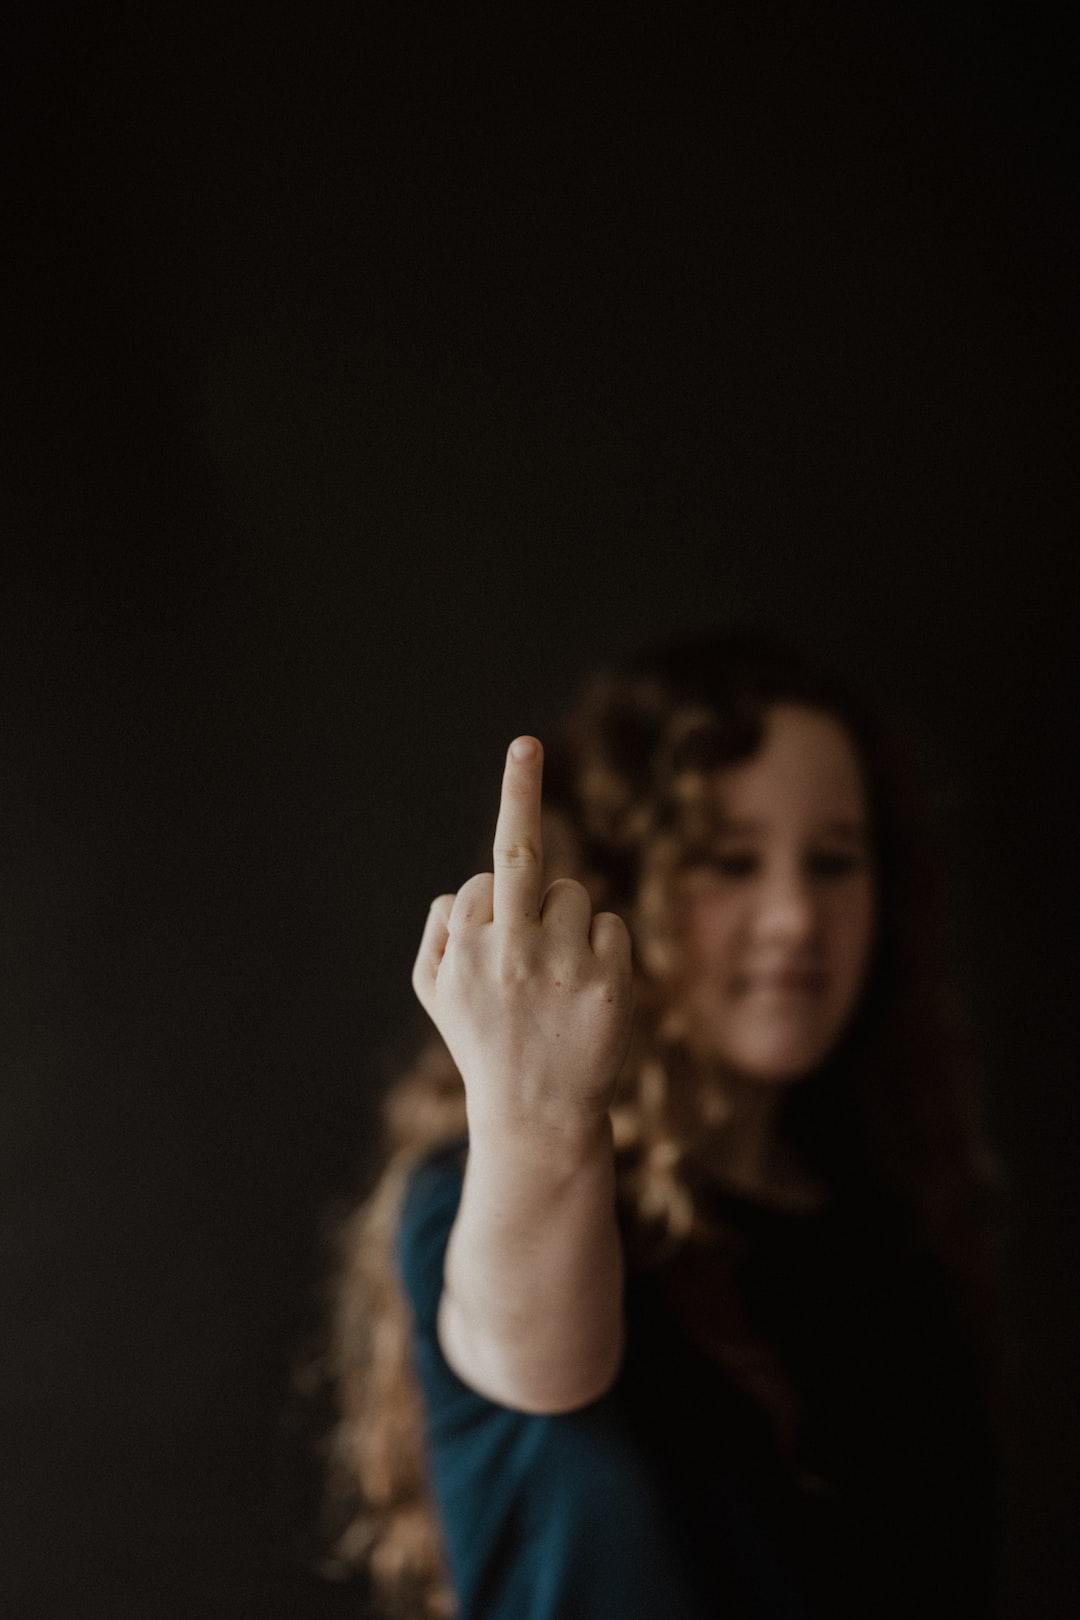 Hand gestures - middle finger